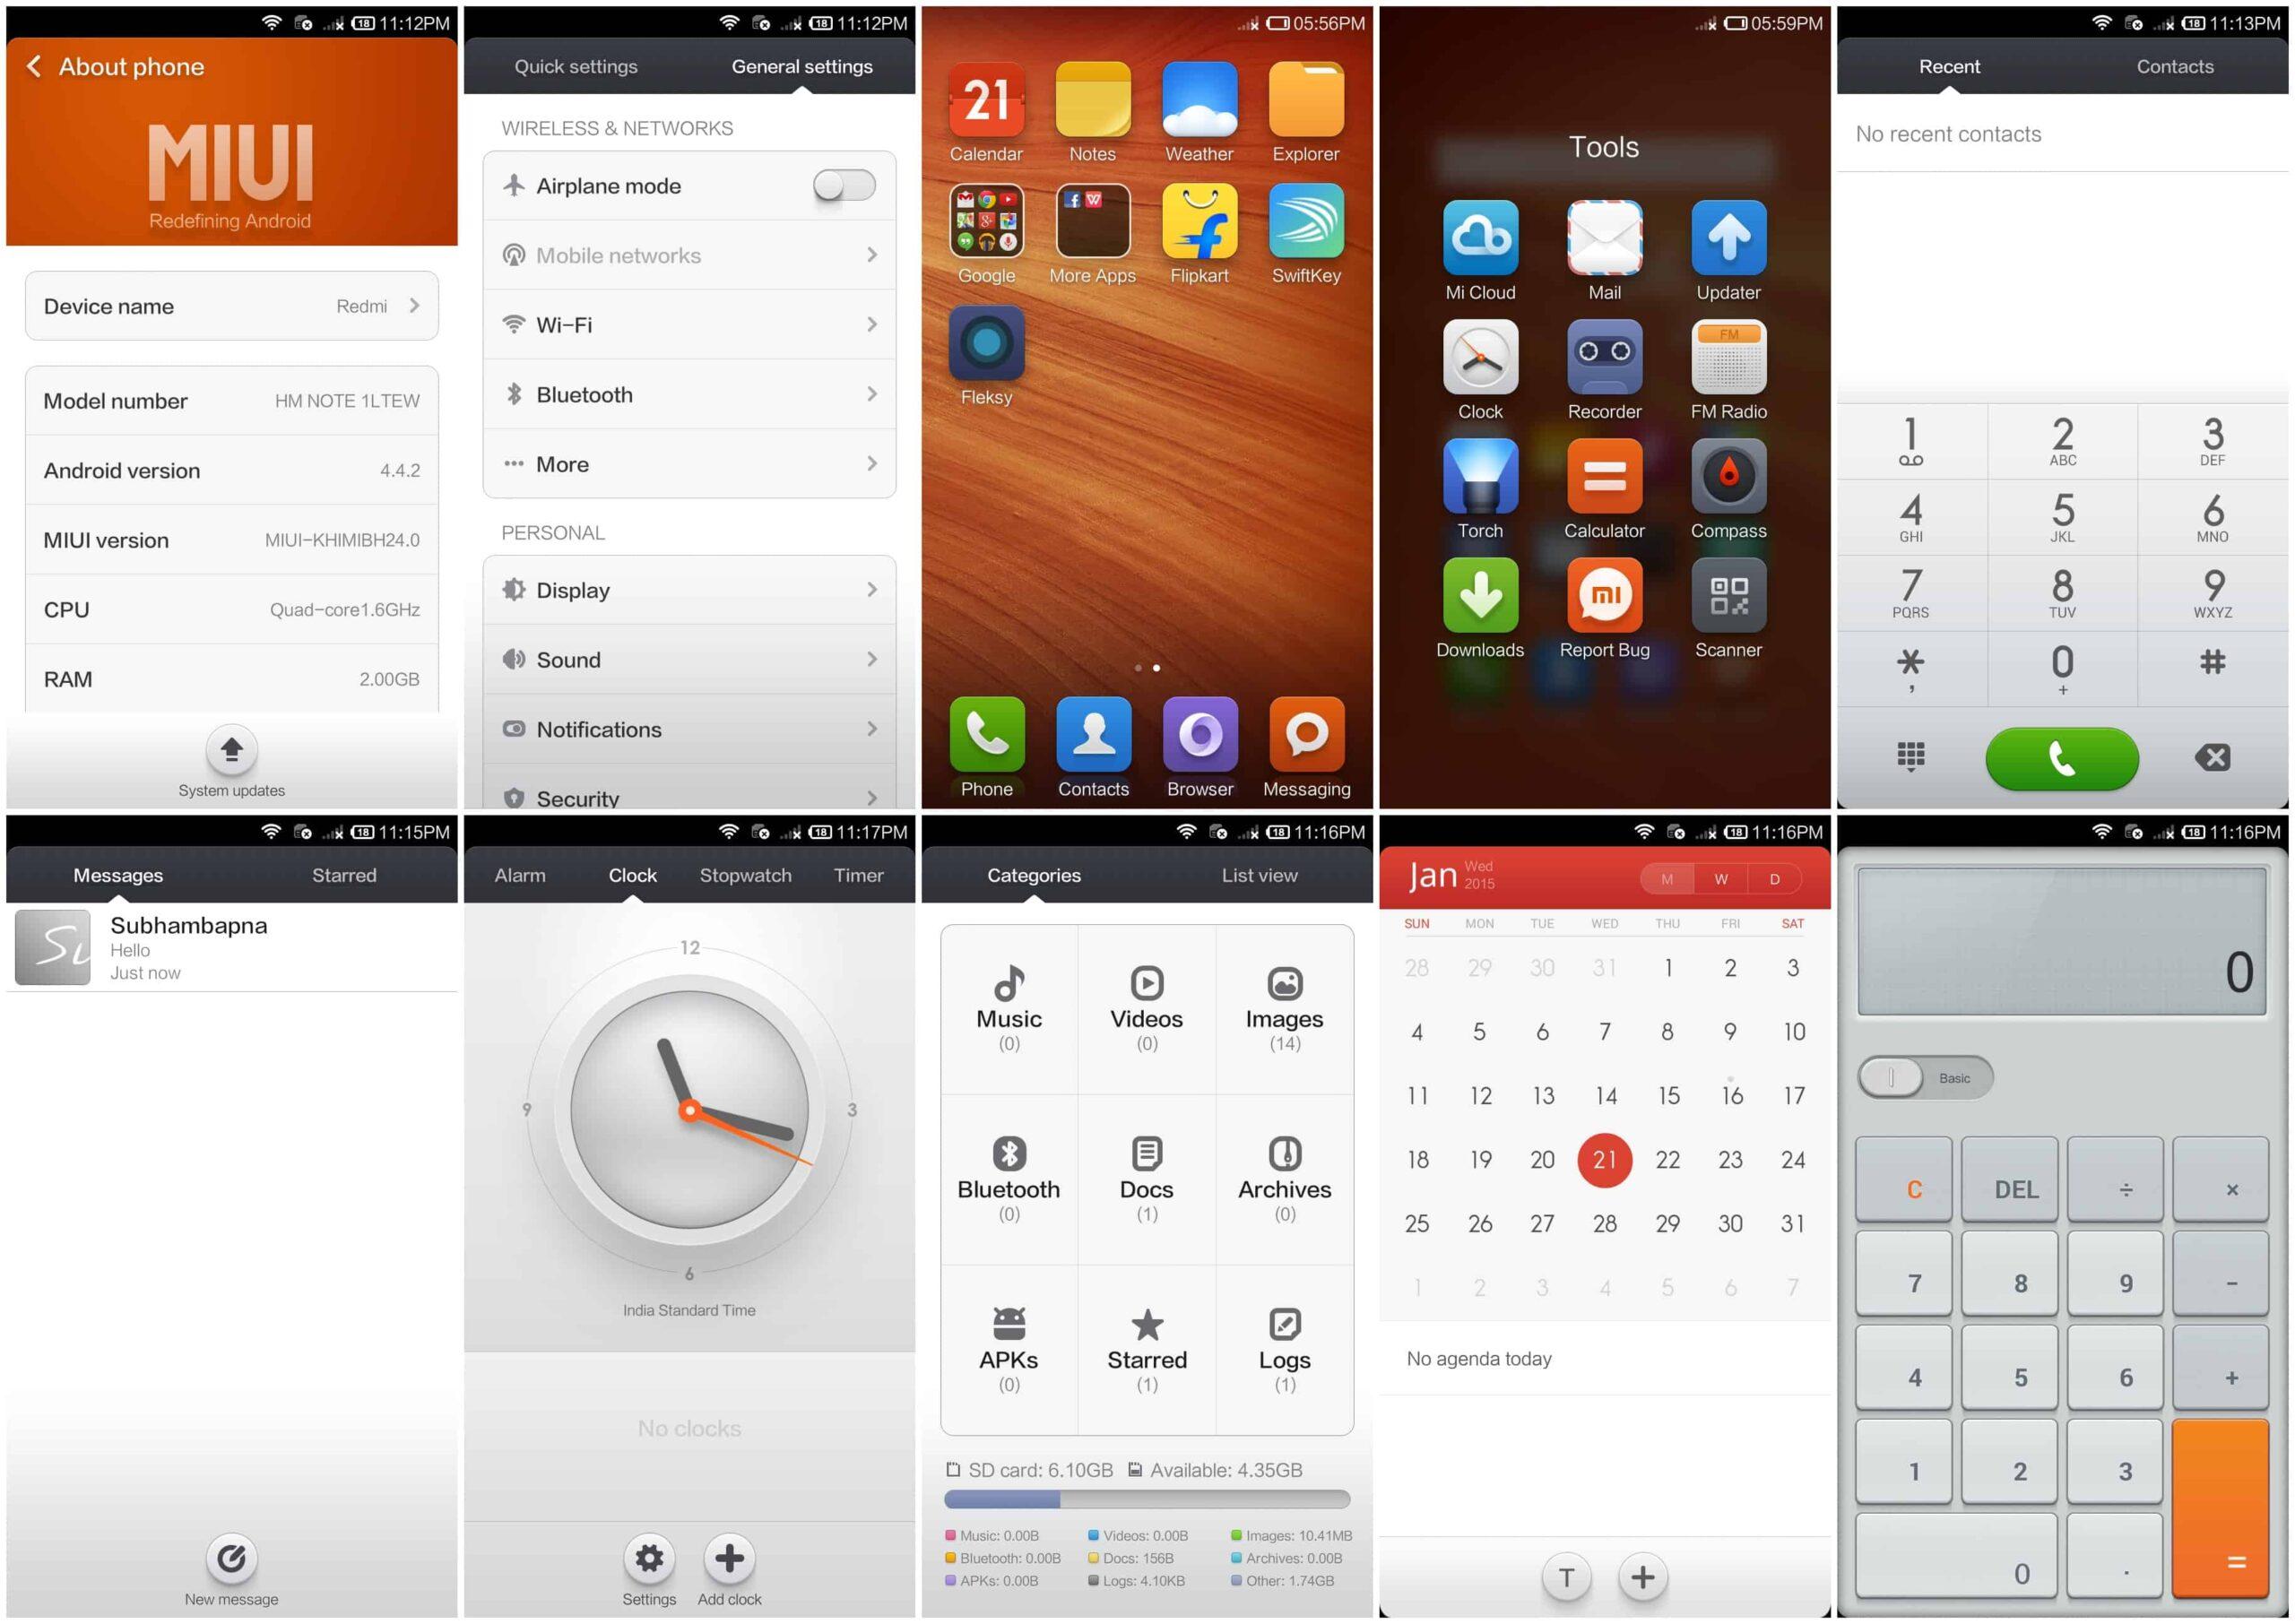 Redmi 4g UI and OS